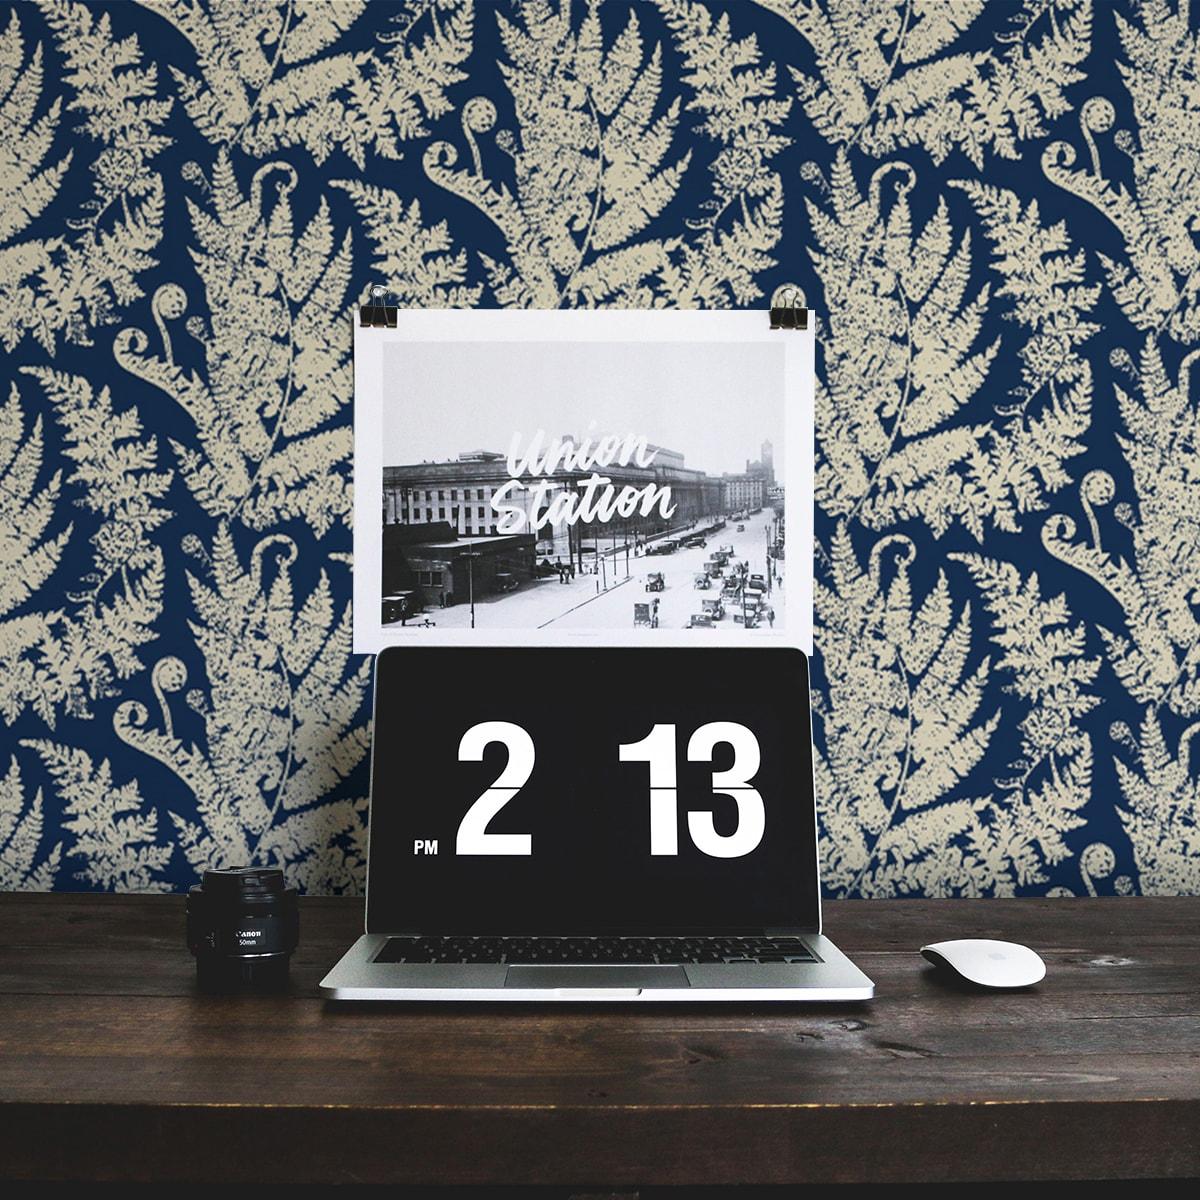 """Wandtapete dunkel blau: Traumhafte florale Tapete """"Heidis Fernerie"""" mit großem Farn Muster in blau"""